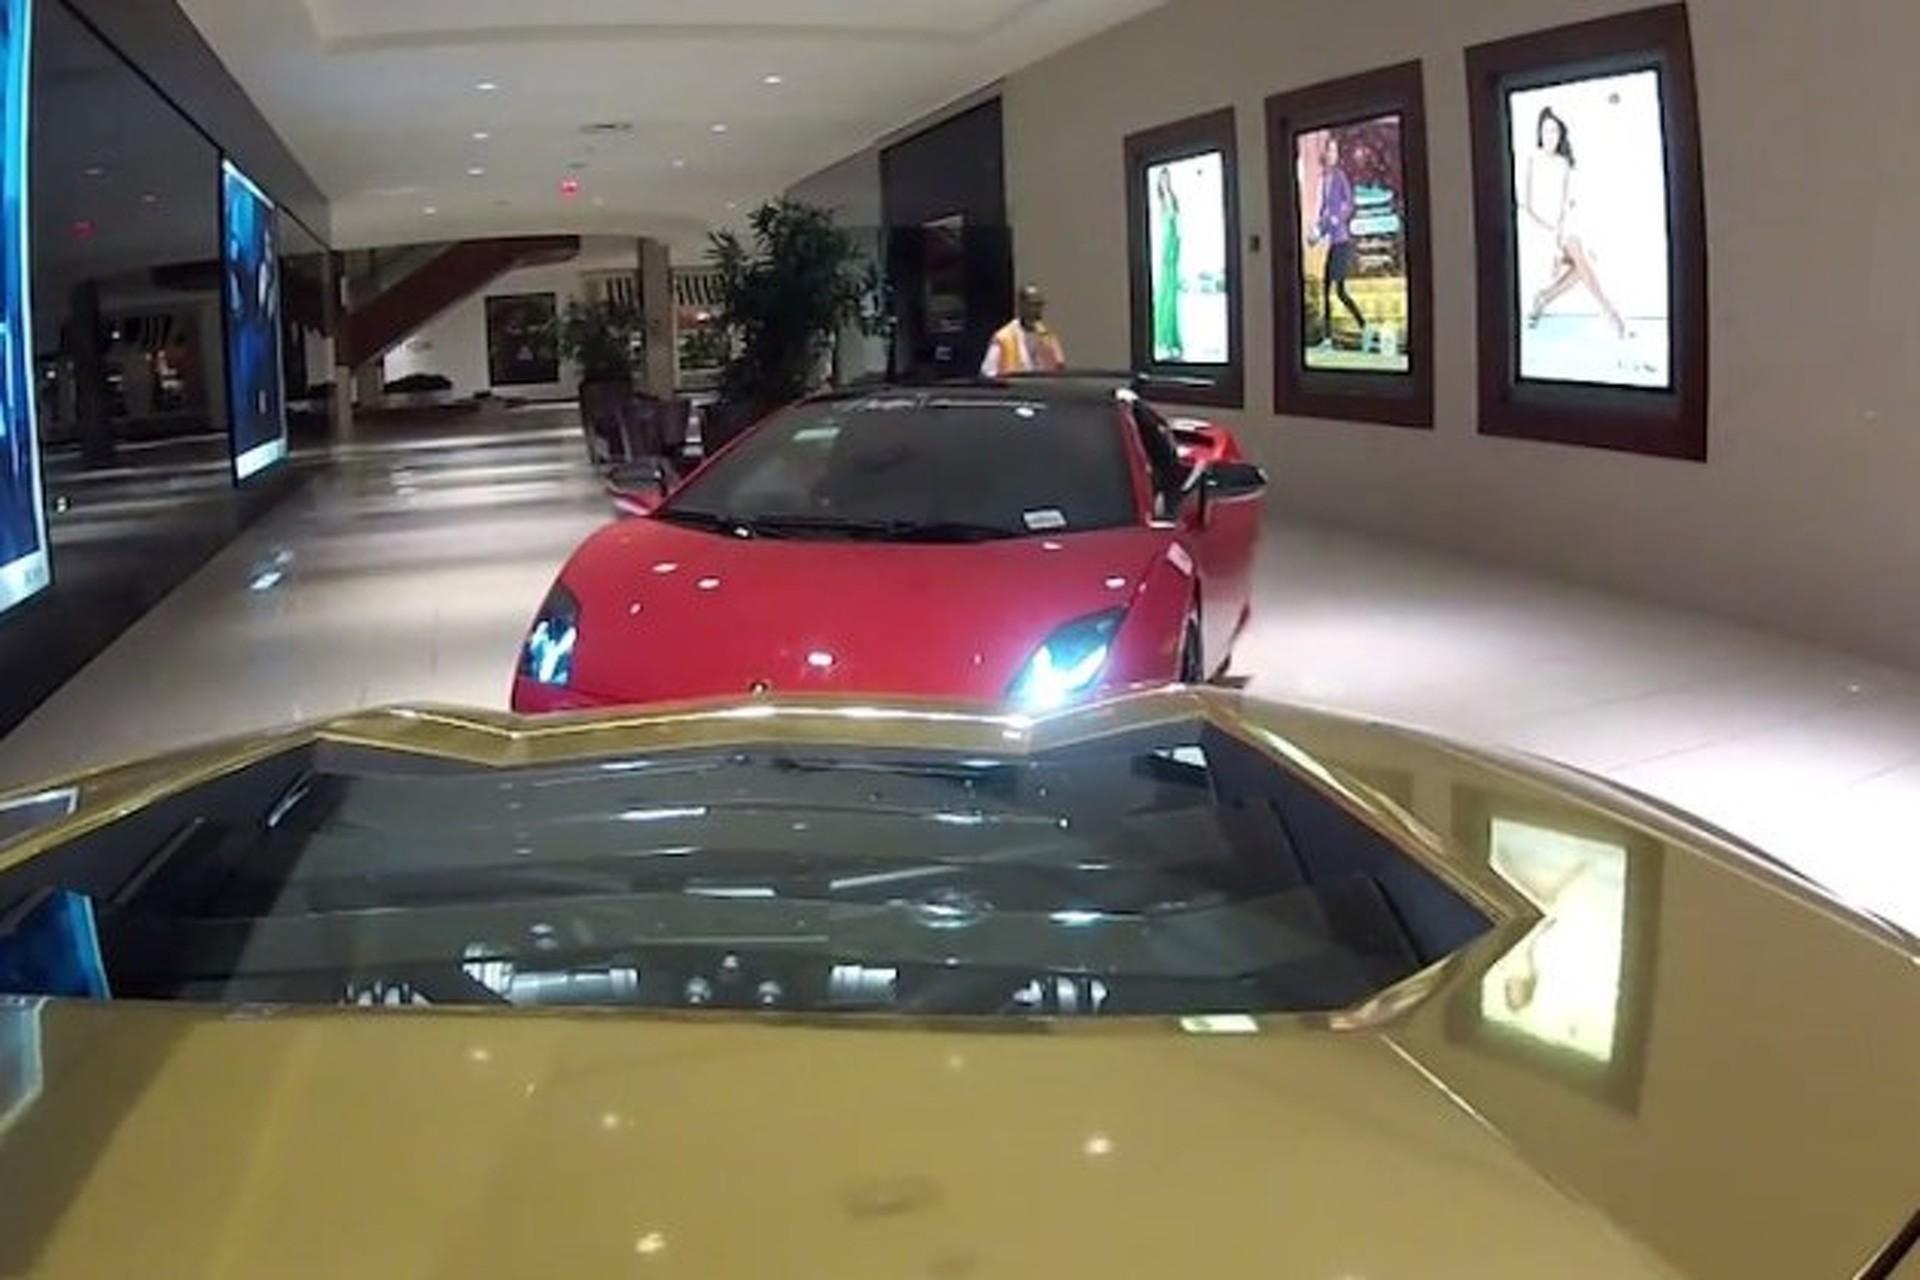 c0a0ea47988 Here's 5 Lamborghinis Driving Through a Shopping Mall [Video]